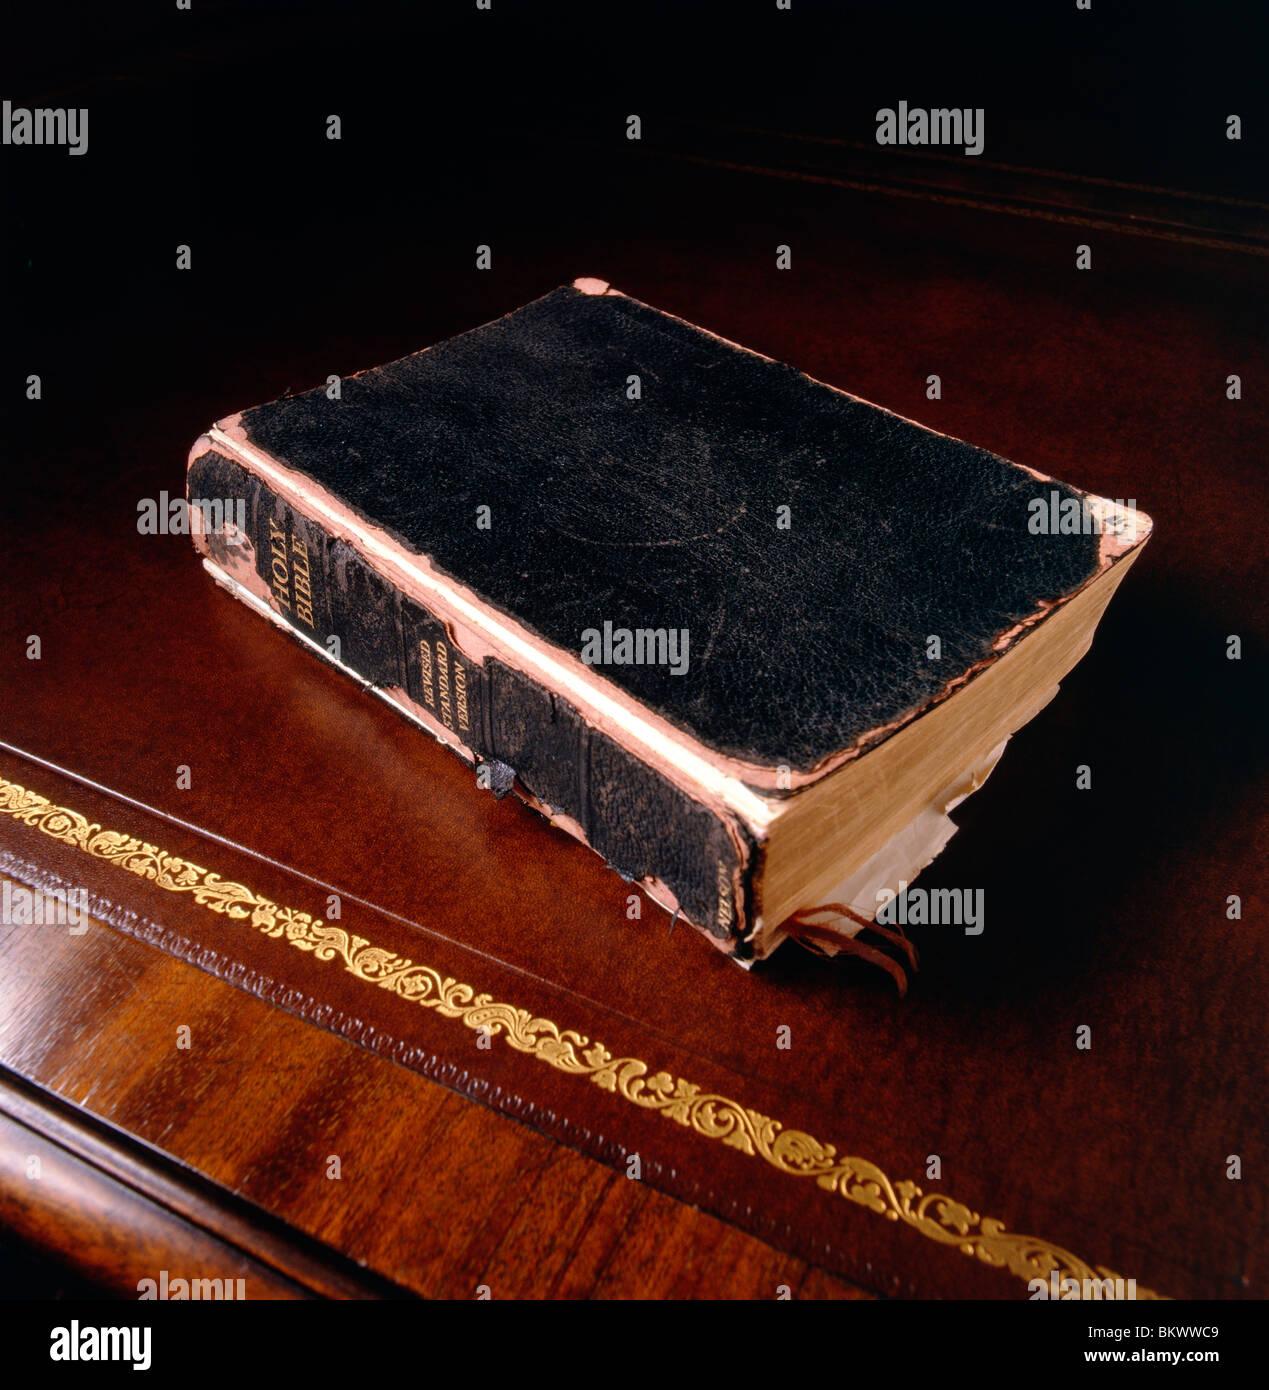 Estudio de una vida santa Biblia sobre un antiguo mostrador superior de cuero Foto de stock